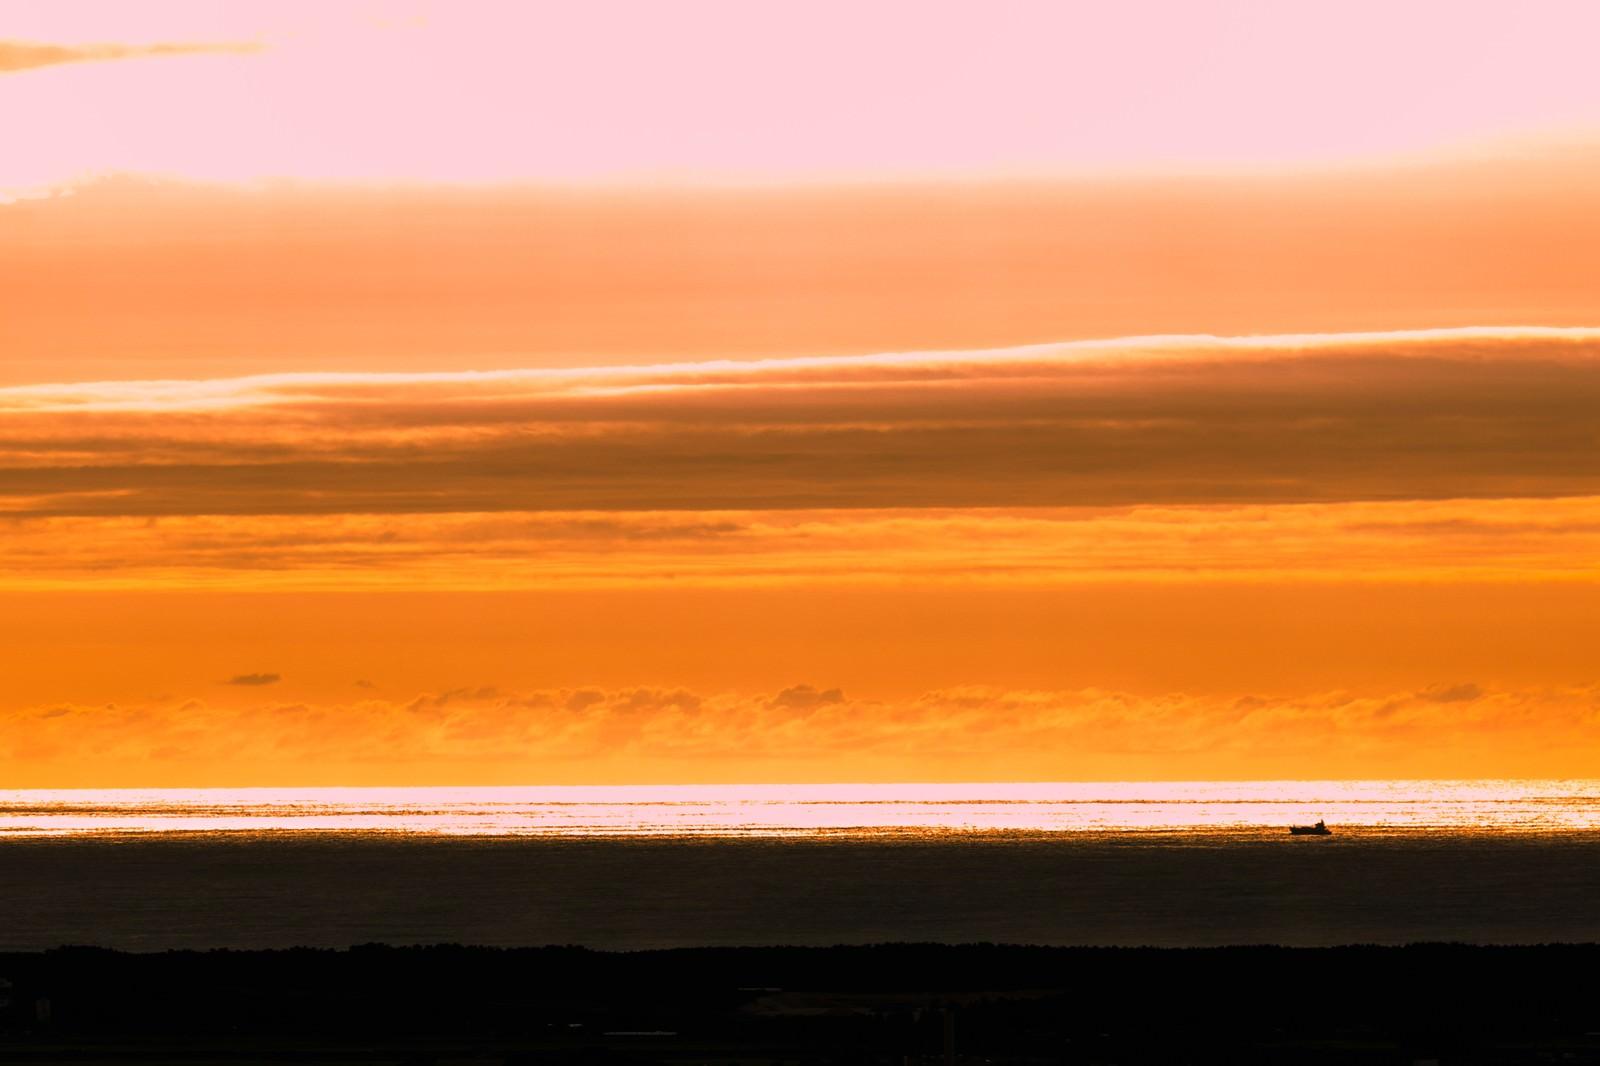 「日本海の夕暮れ」の写真